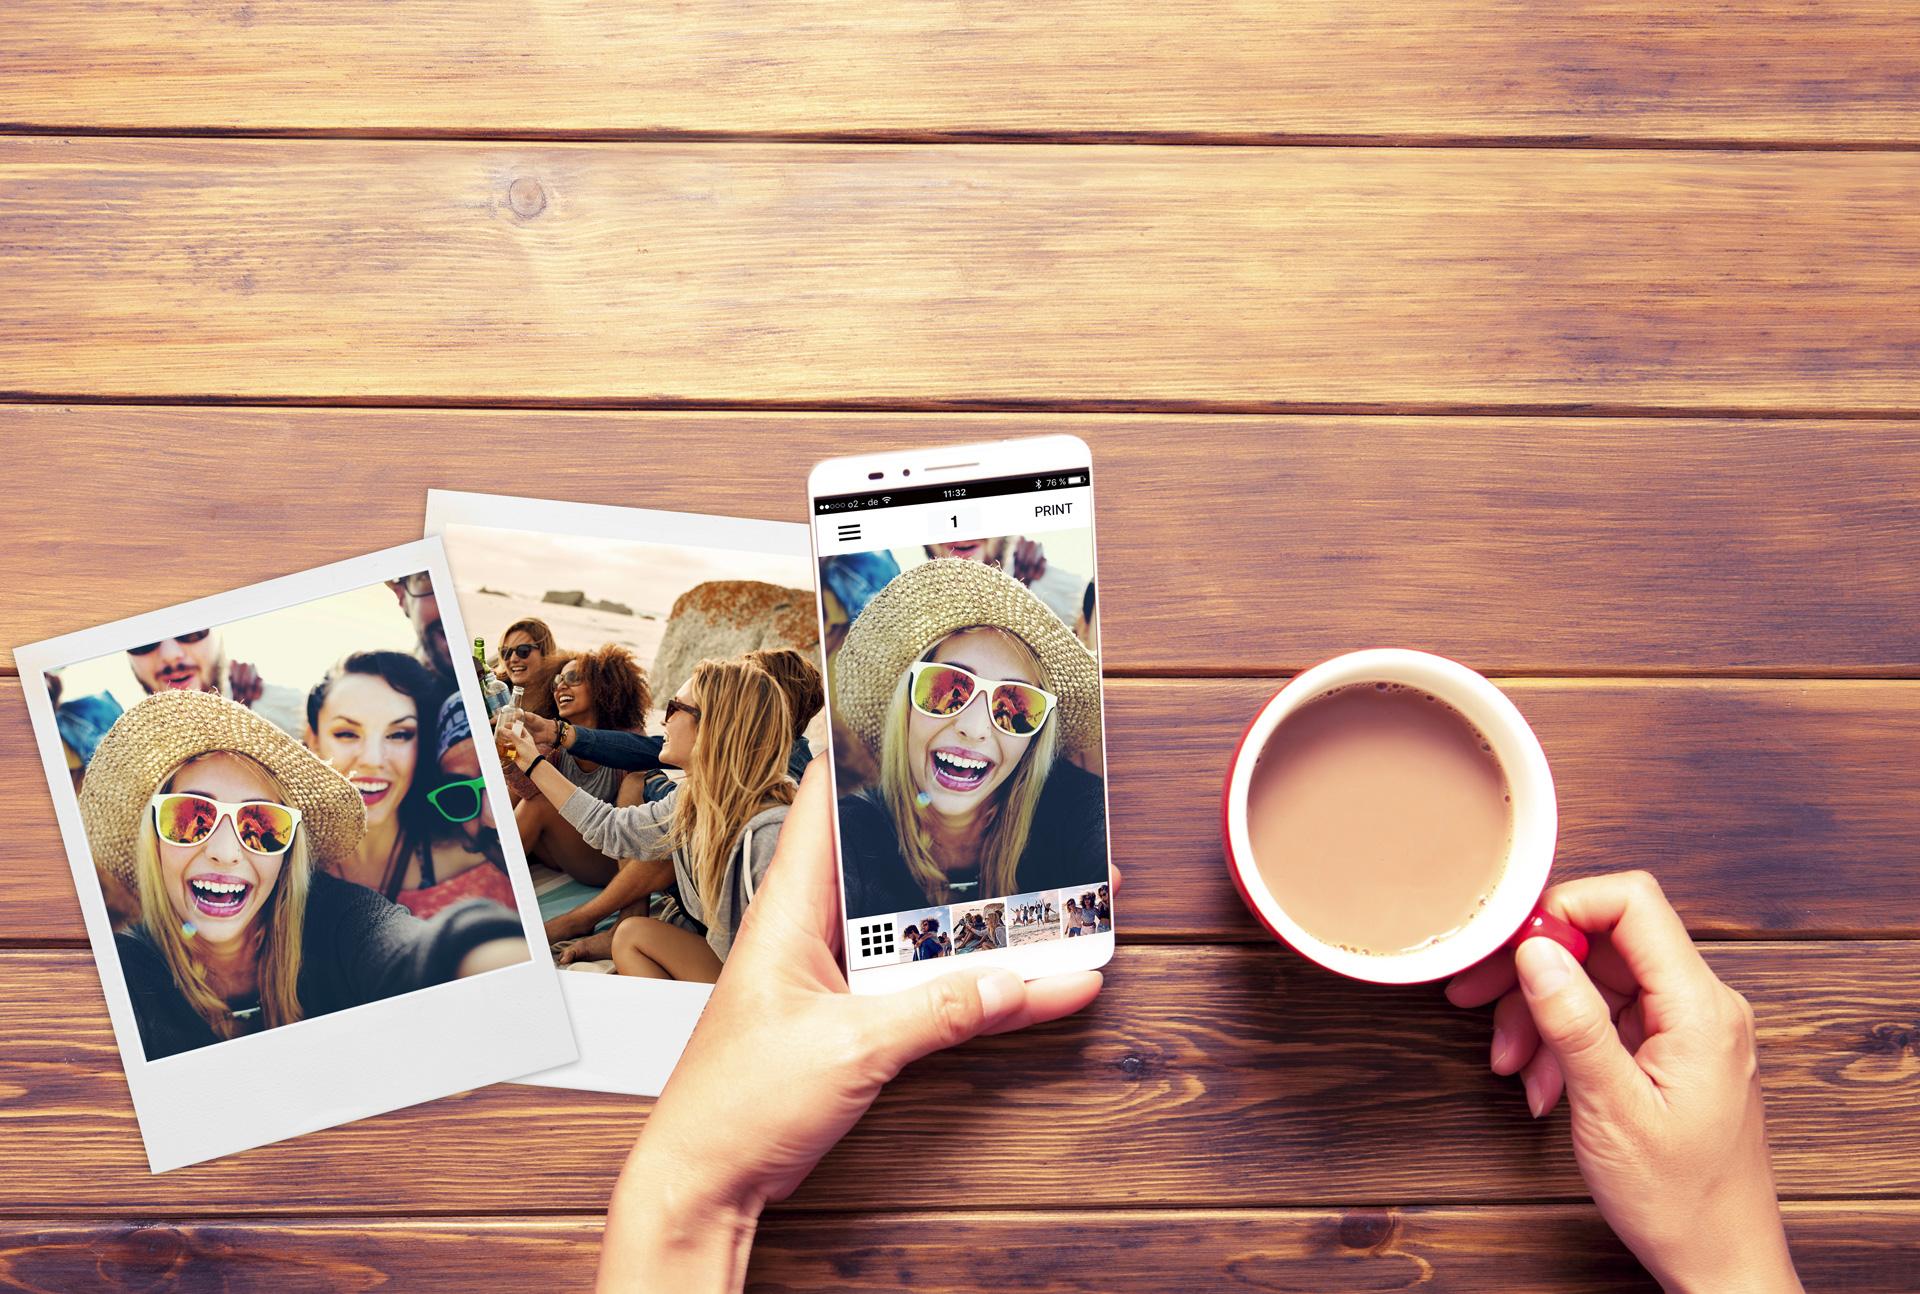 50% Rabatt auf 10x15 Fotos drucken > Super als Weihnachtsgeschenke!